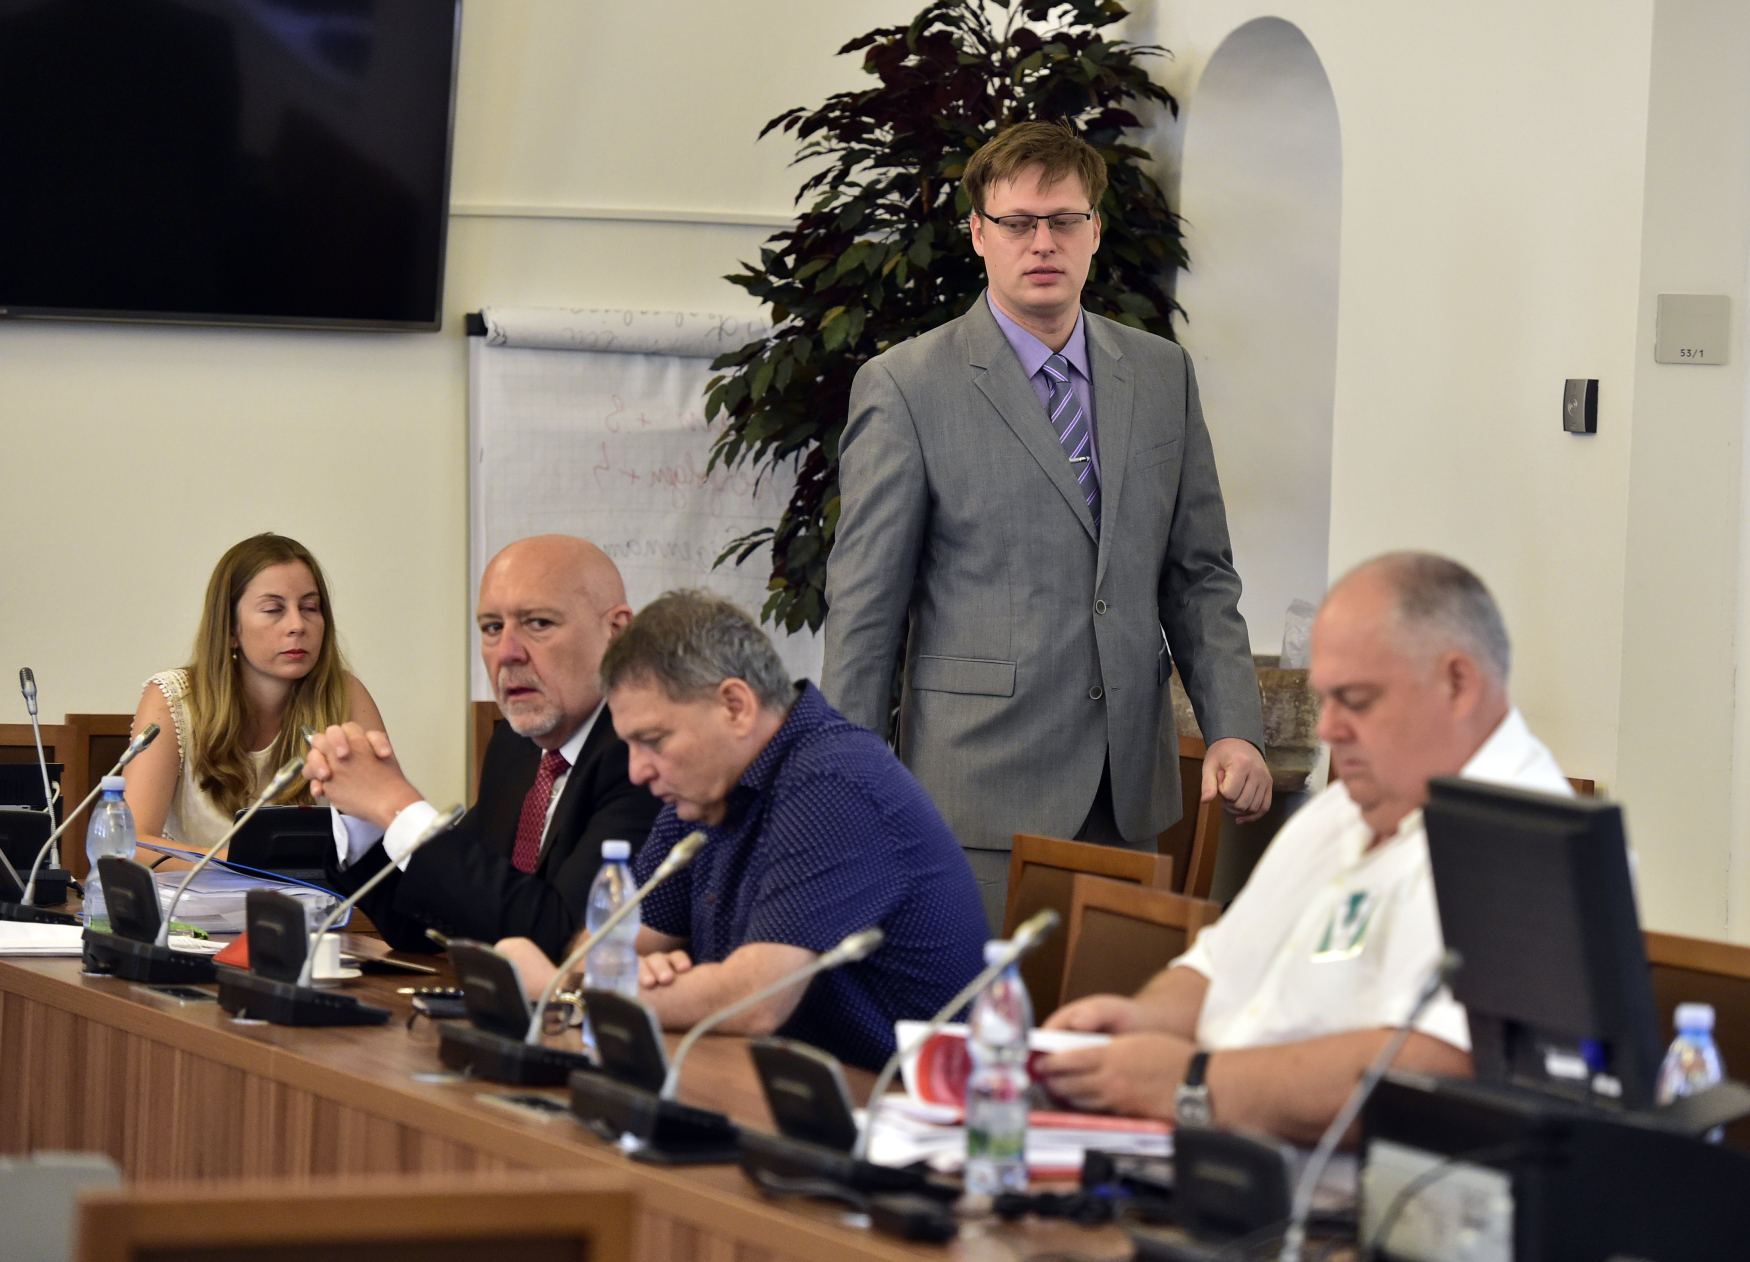 Sněmovní vyšetřovací komise k prověřování privatizace OKD, předseda komise Lukáš Černohorský (uprostřed nahoře)